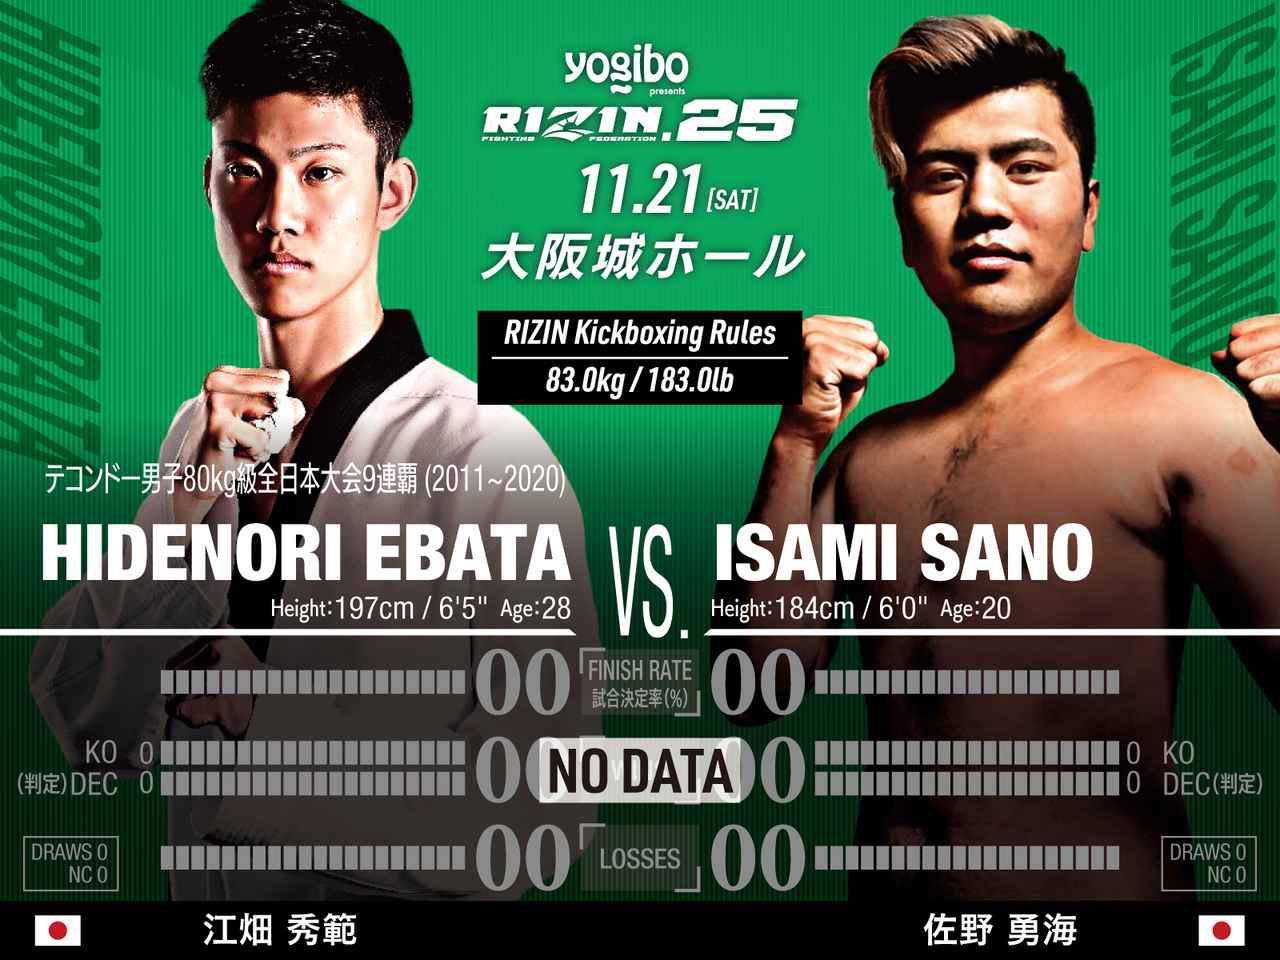 画像: 第4試合 スペシャルワンマッチ/江畑秀範 vs. 佐野勇海